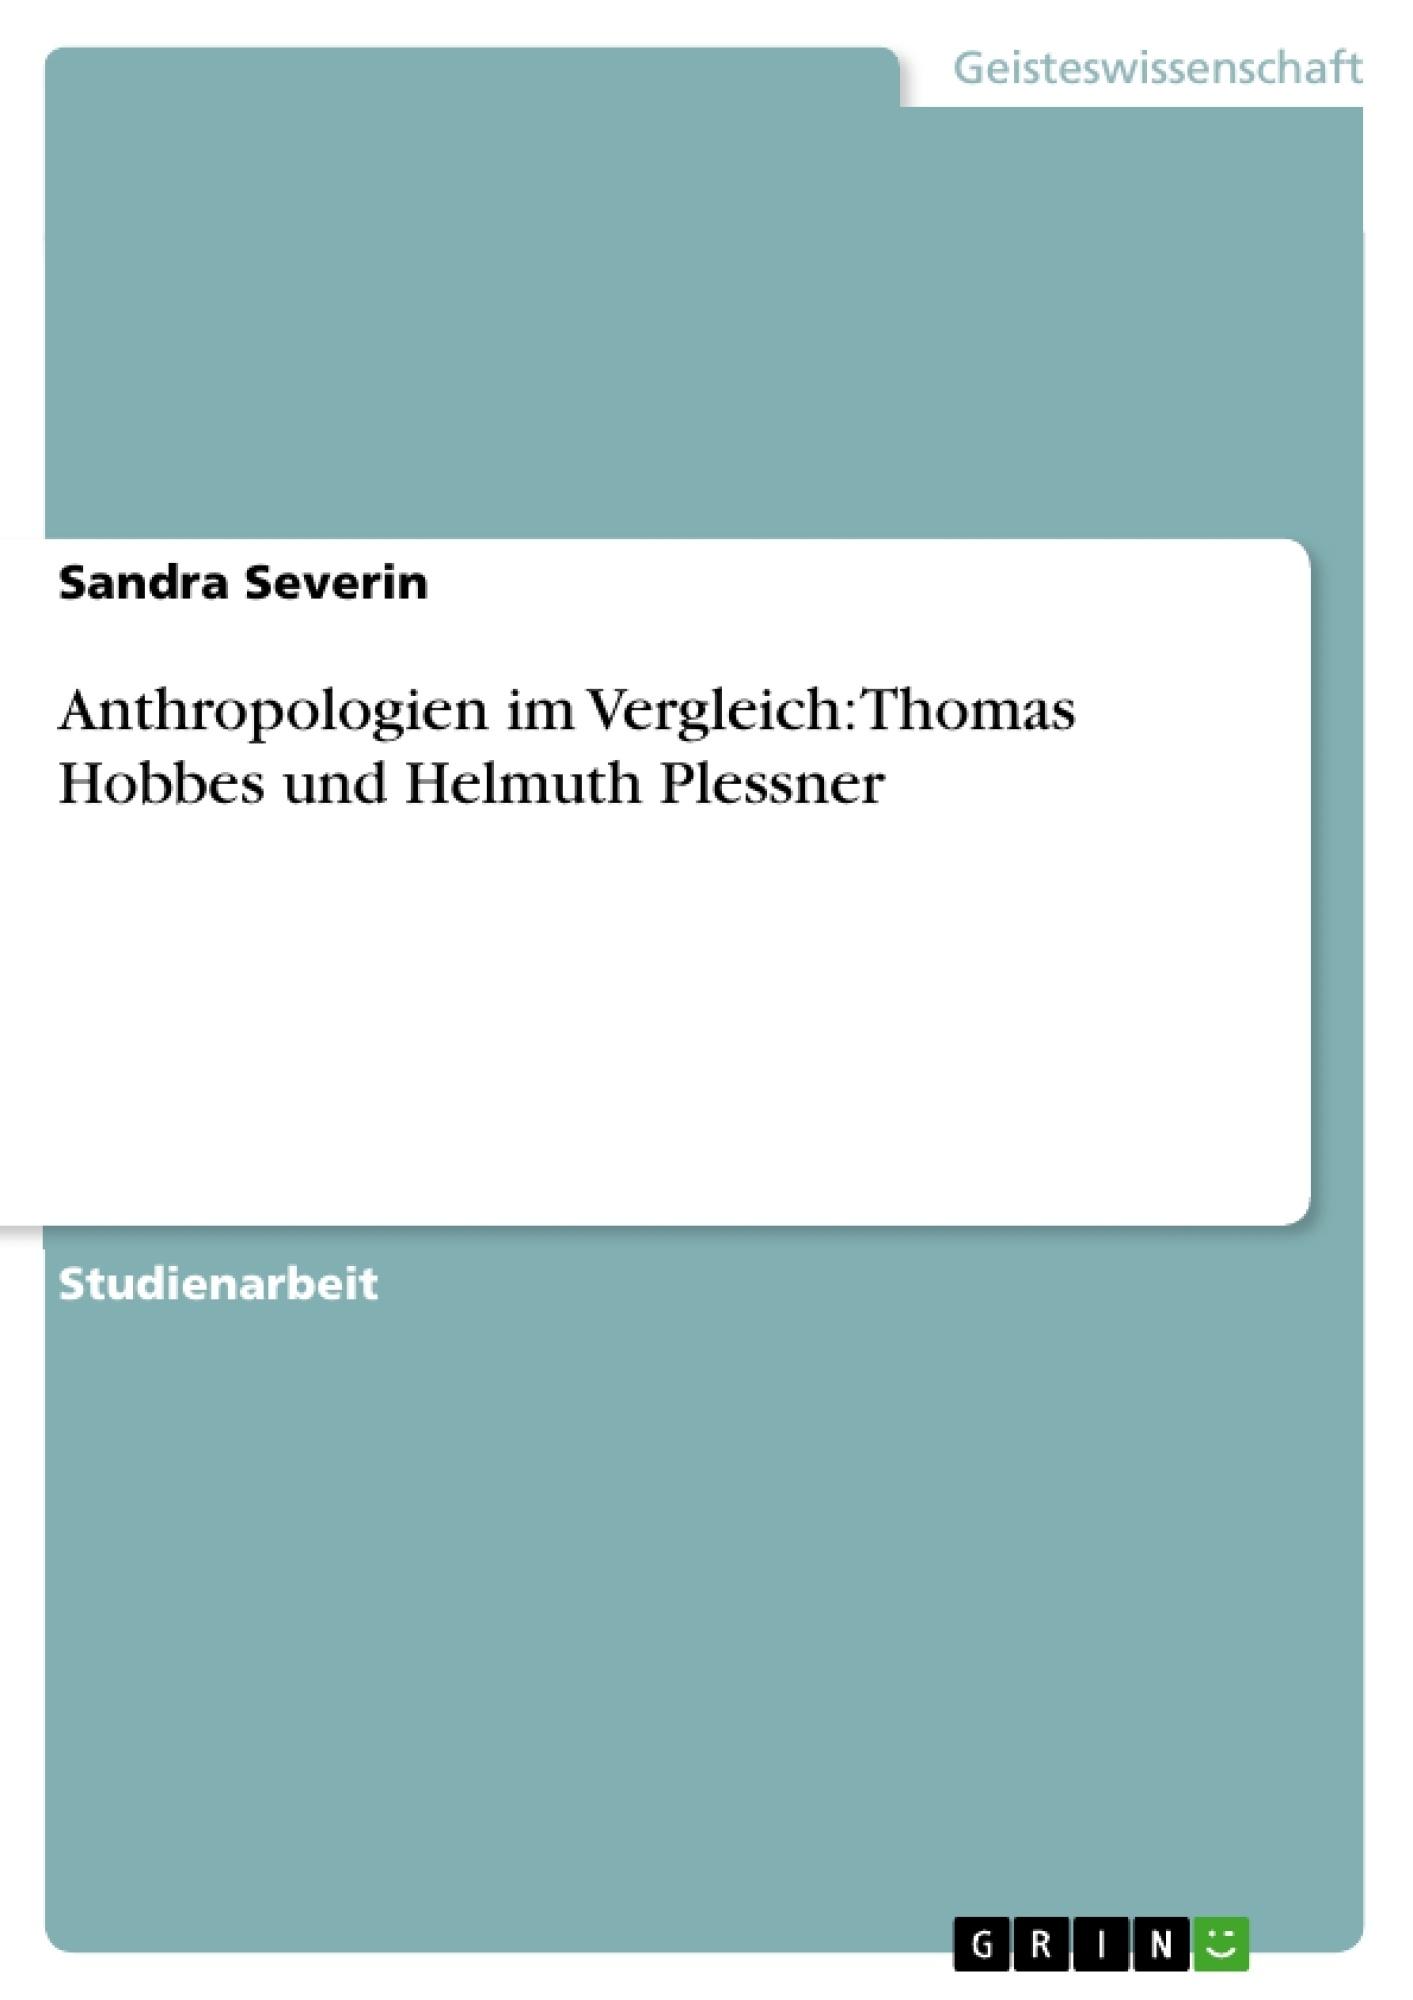 Titel: Anthropologien im Vergleich: Thomas Hobbes und Helmuth Plessner